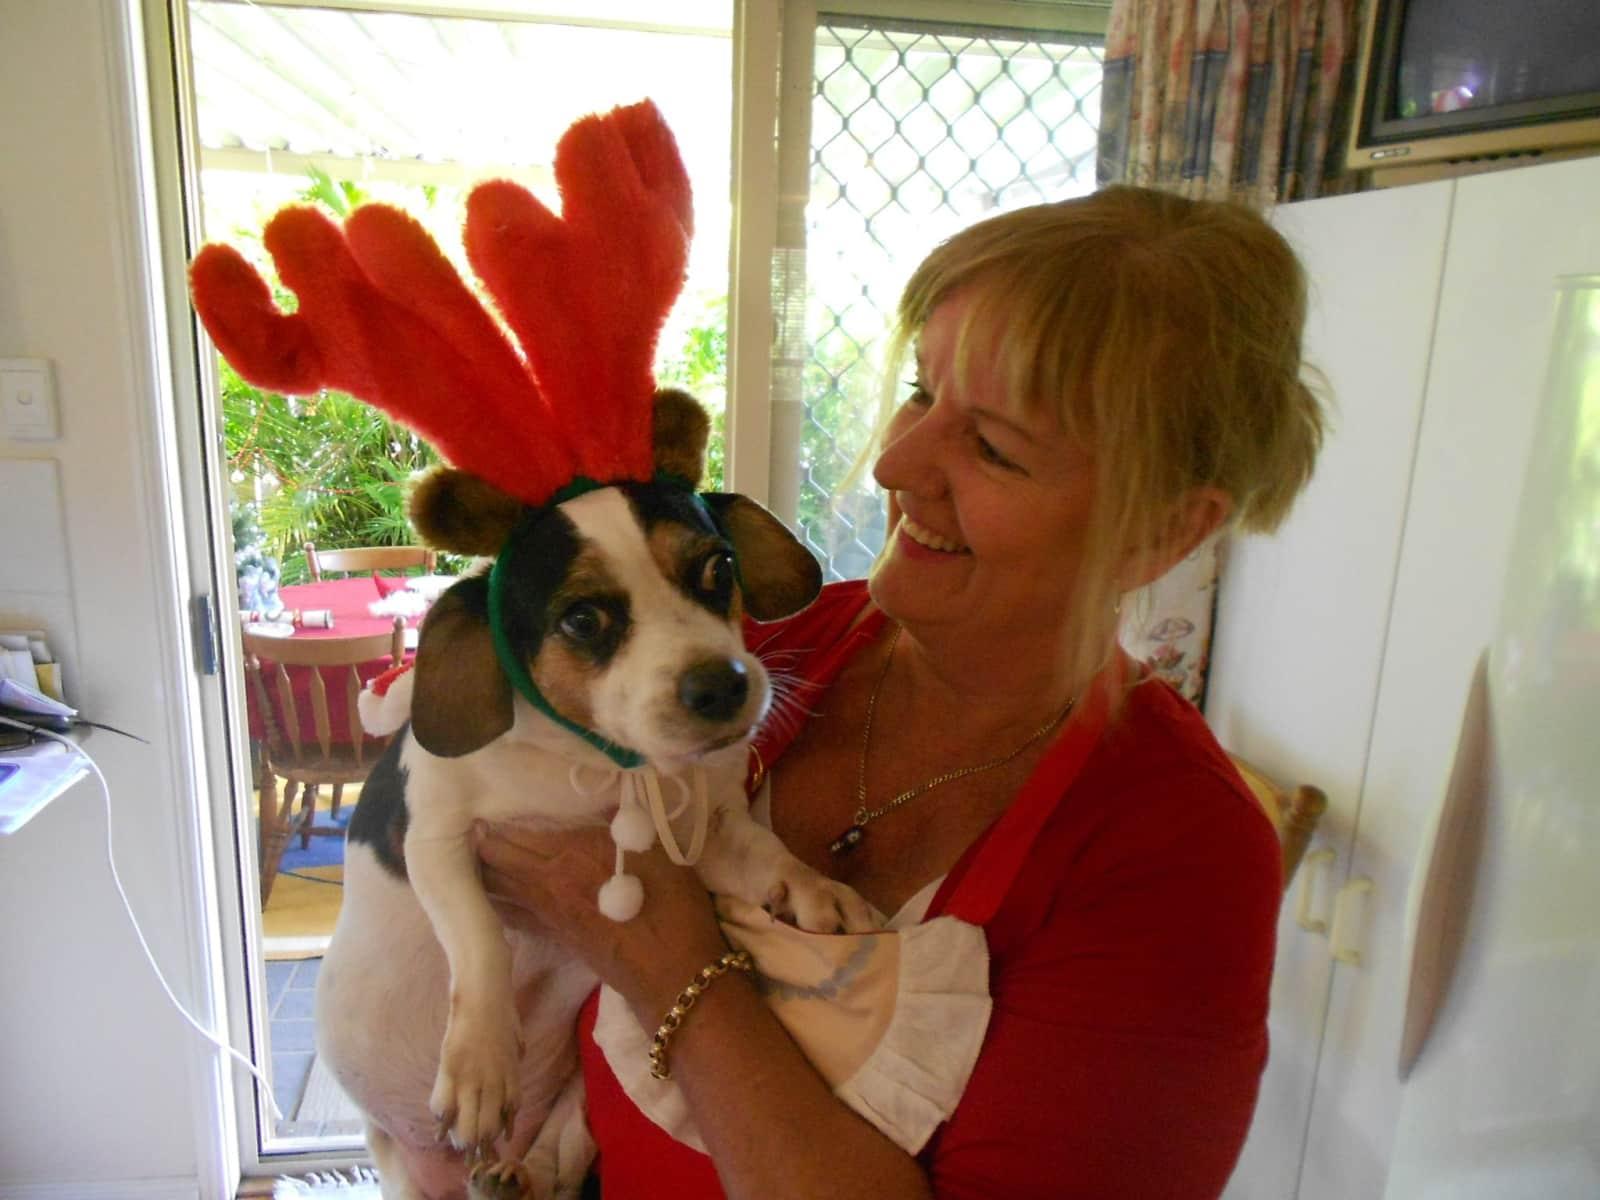 Sue from Tingalpa, Queensland, Australia